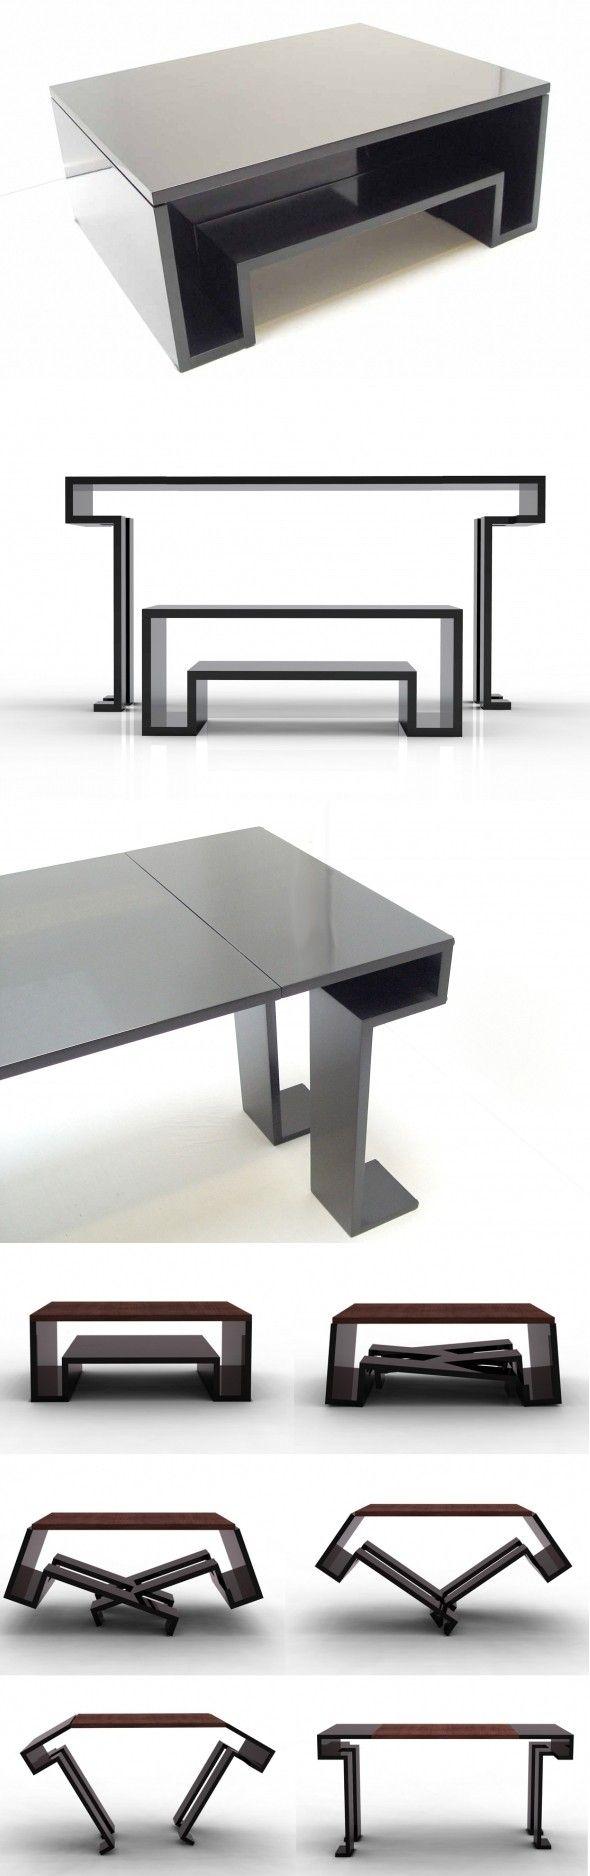 17 meilleures id es propos de table haute sur pinterest tables de pub tables de bar et. Black Bedroom Furniture Sets. Home Design Ideas